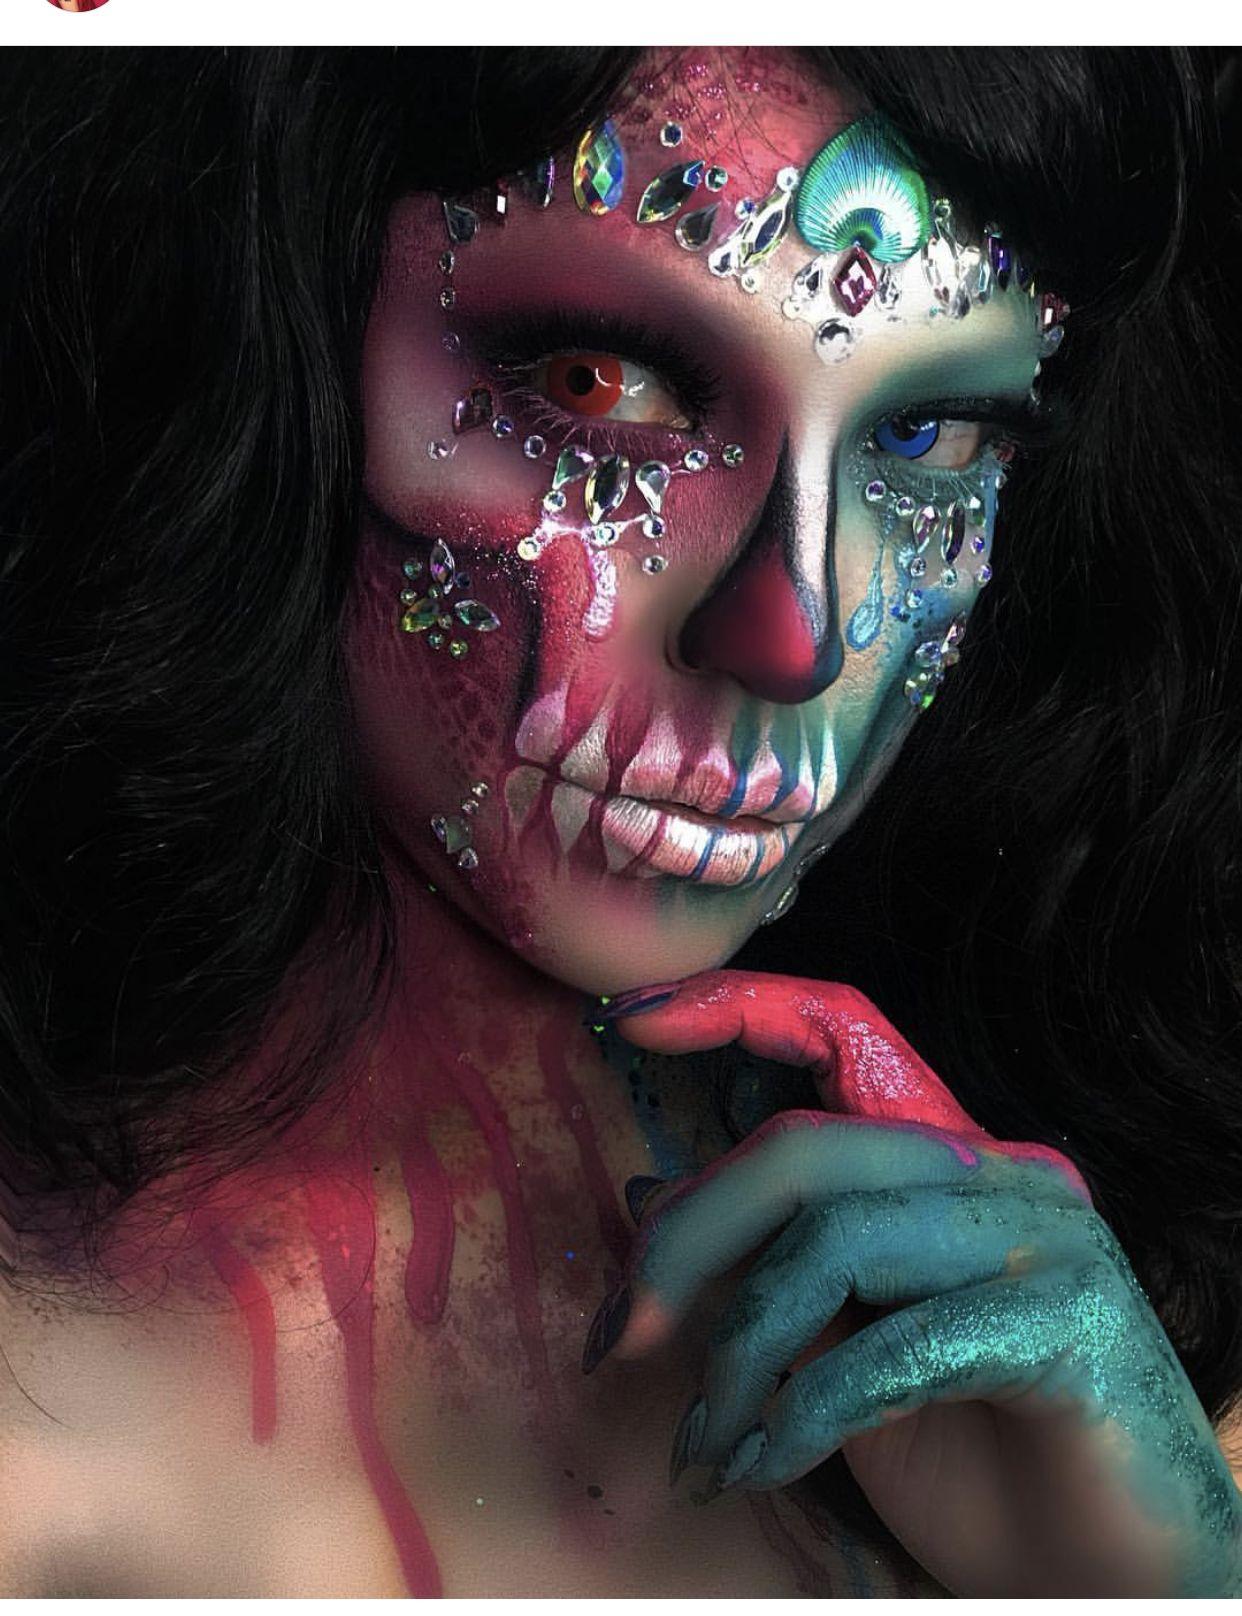 Épinglé par Teri Filipovich sur Make Up Addict